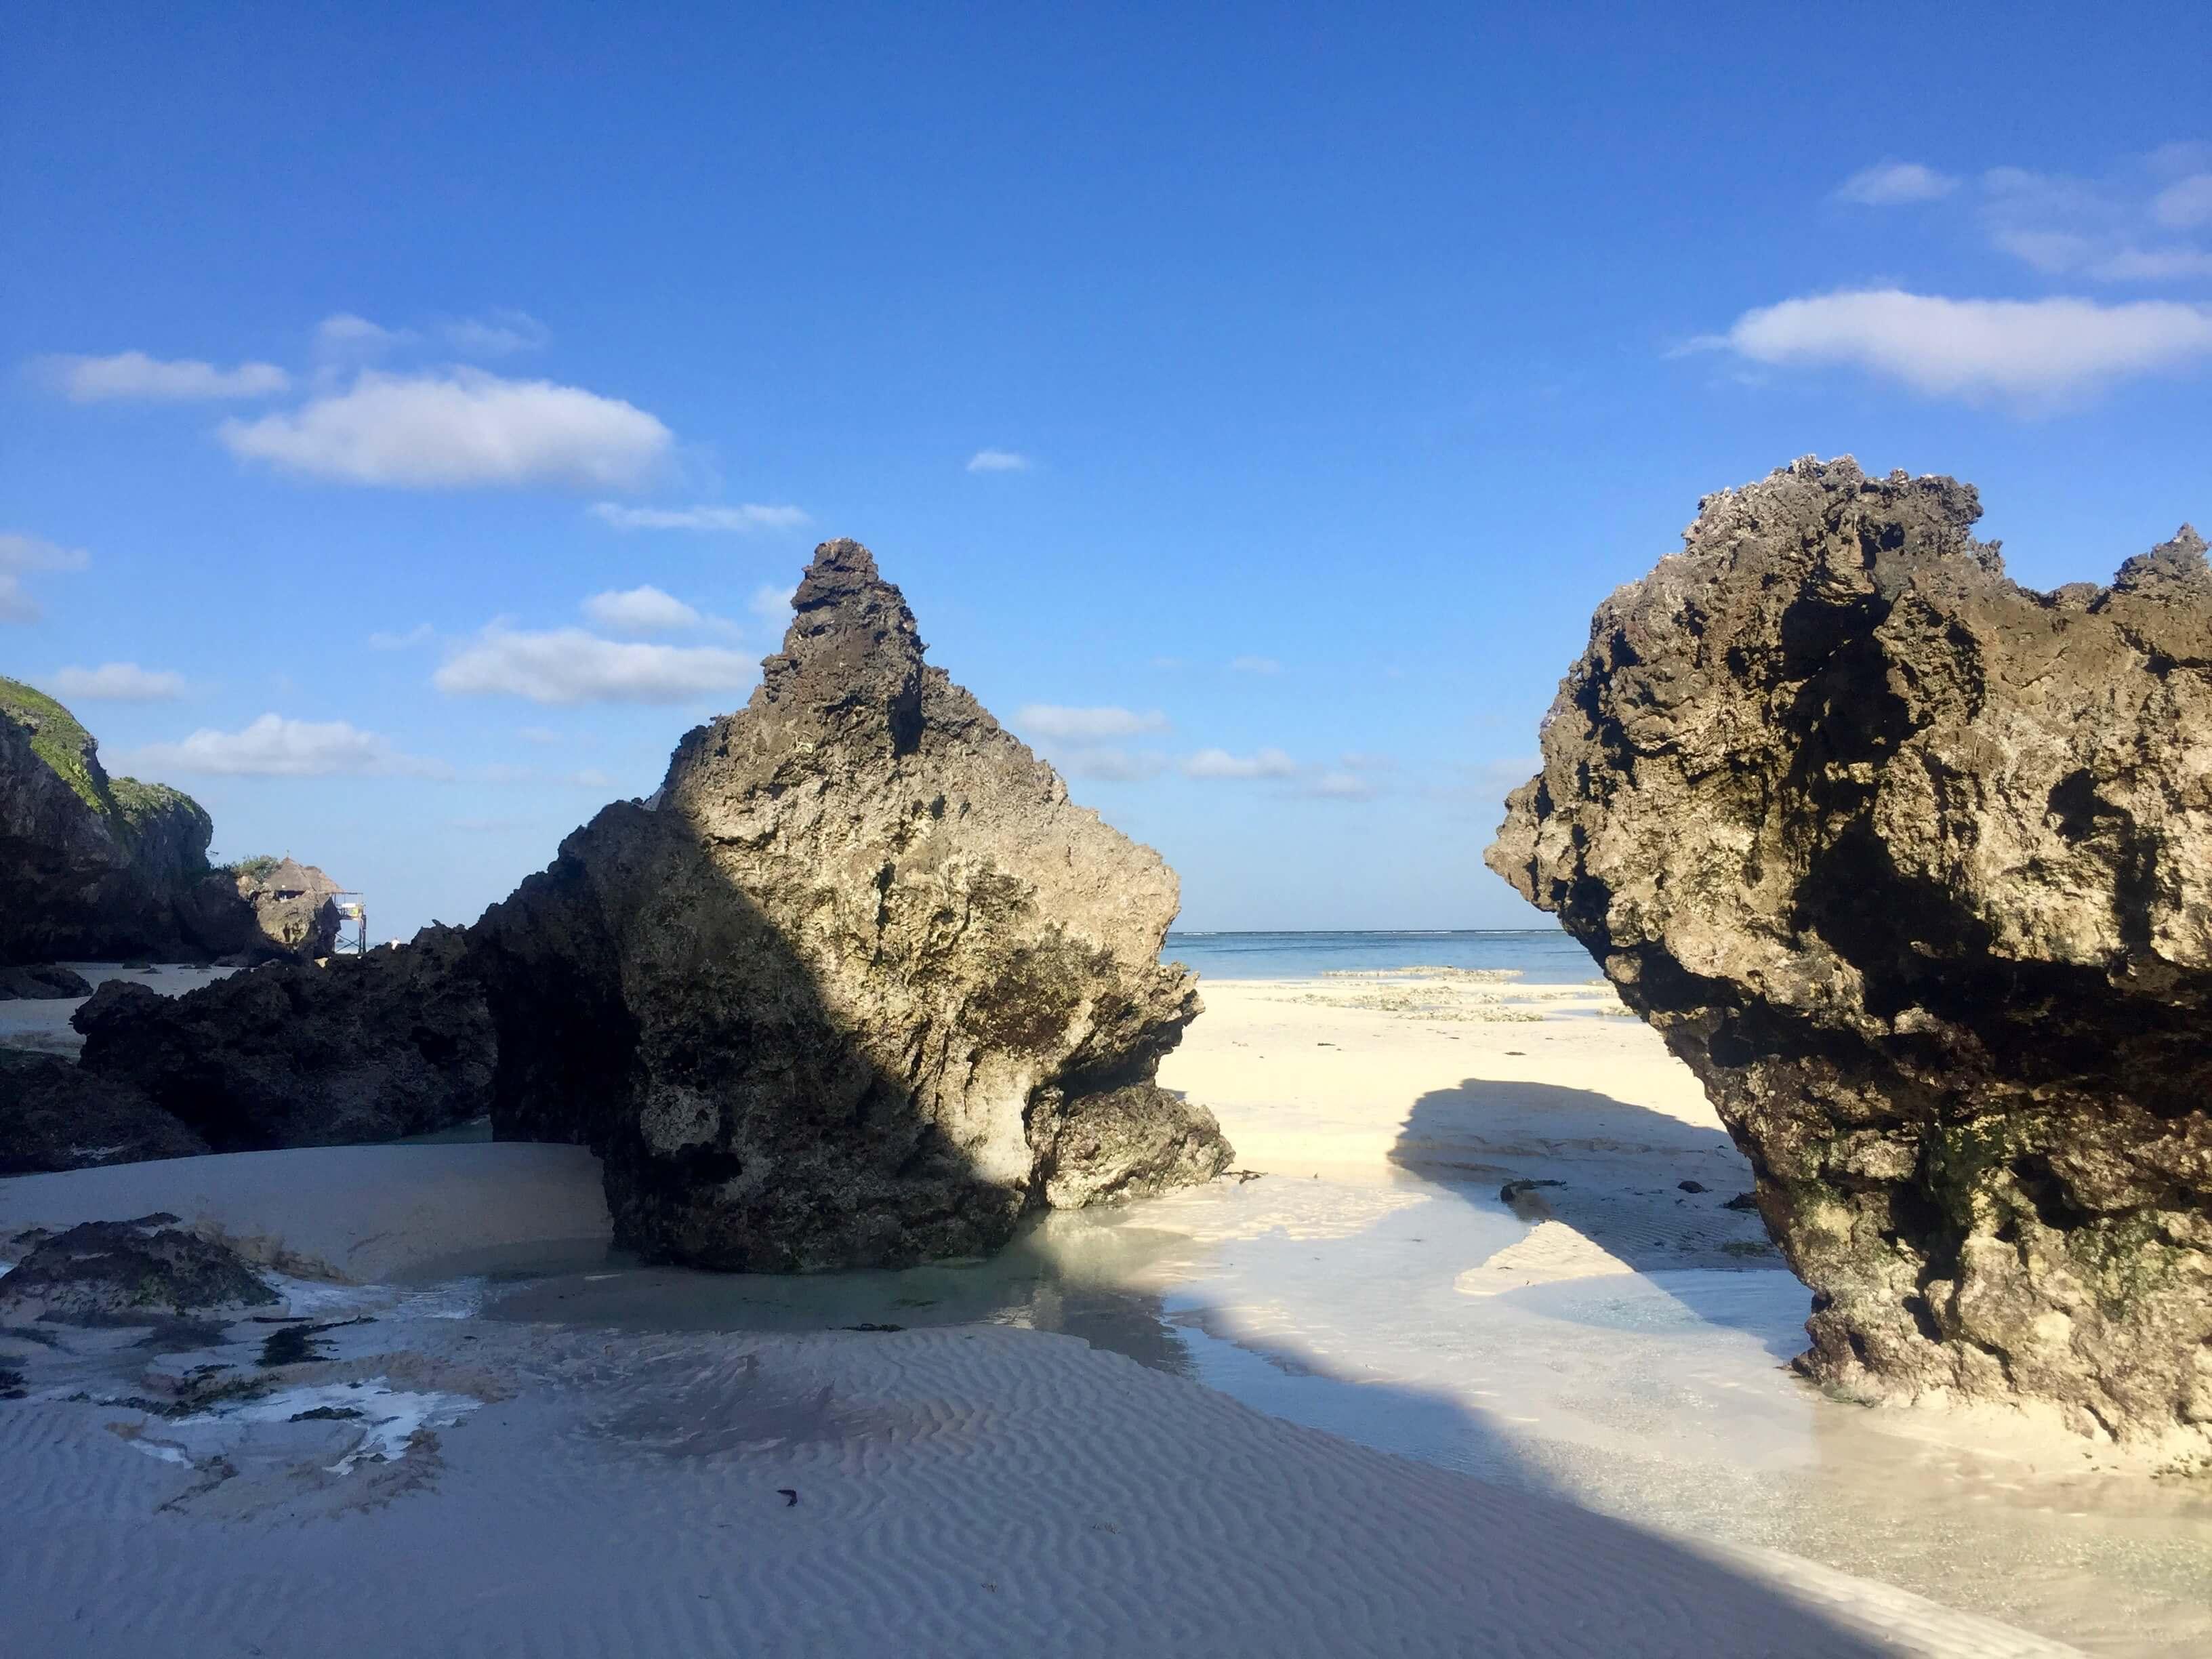 Tanzania, Zanzibar - Eden Rock, Mtende Beach Park